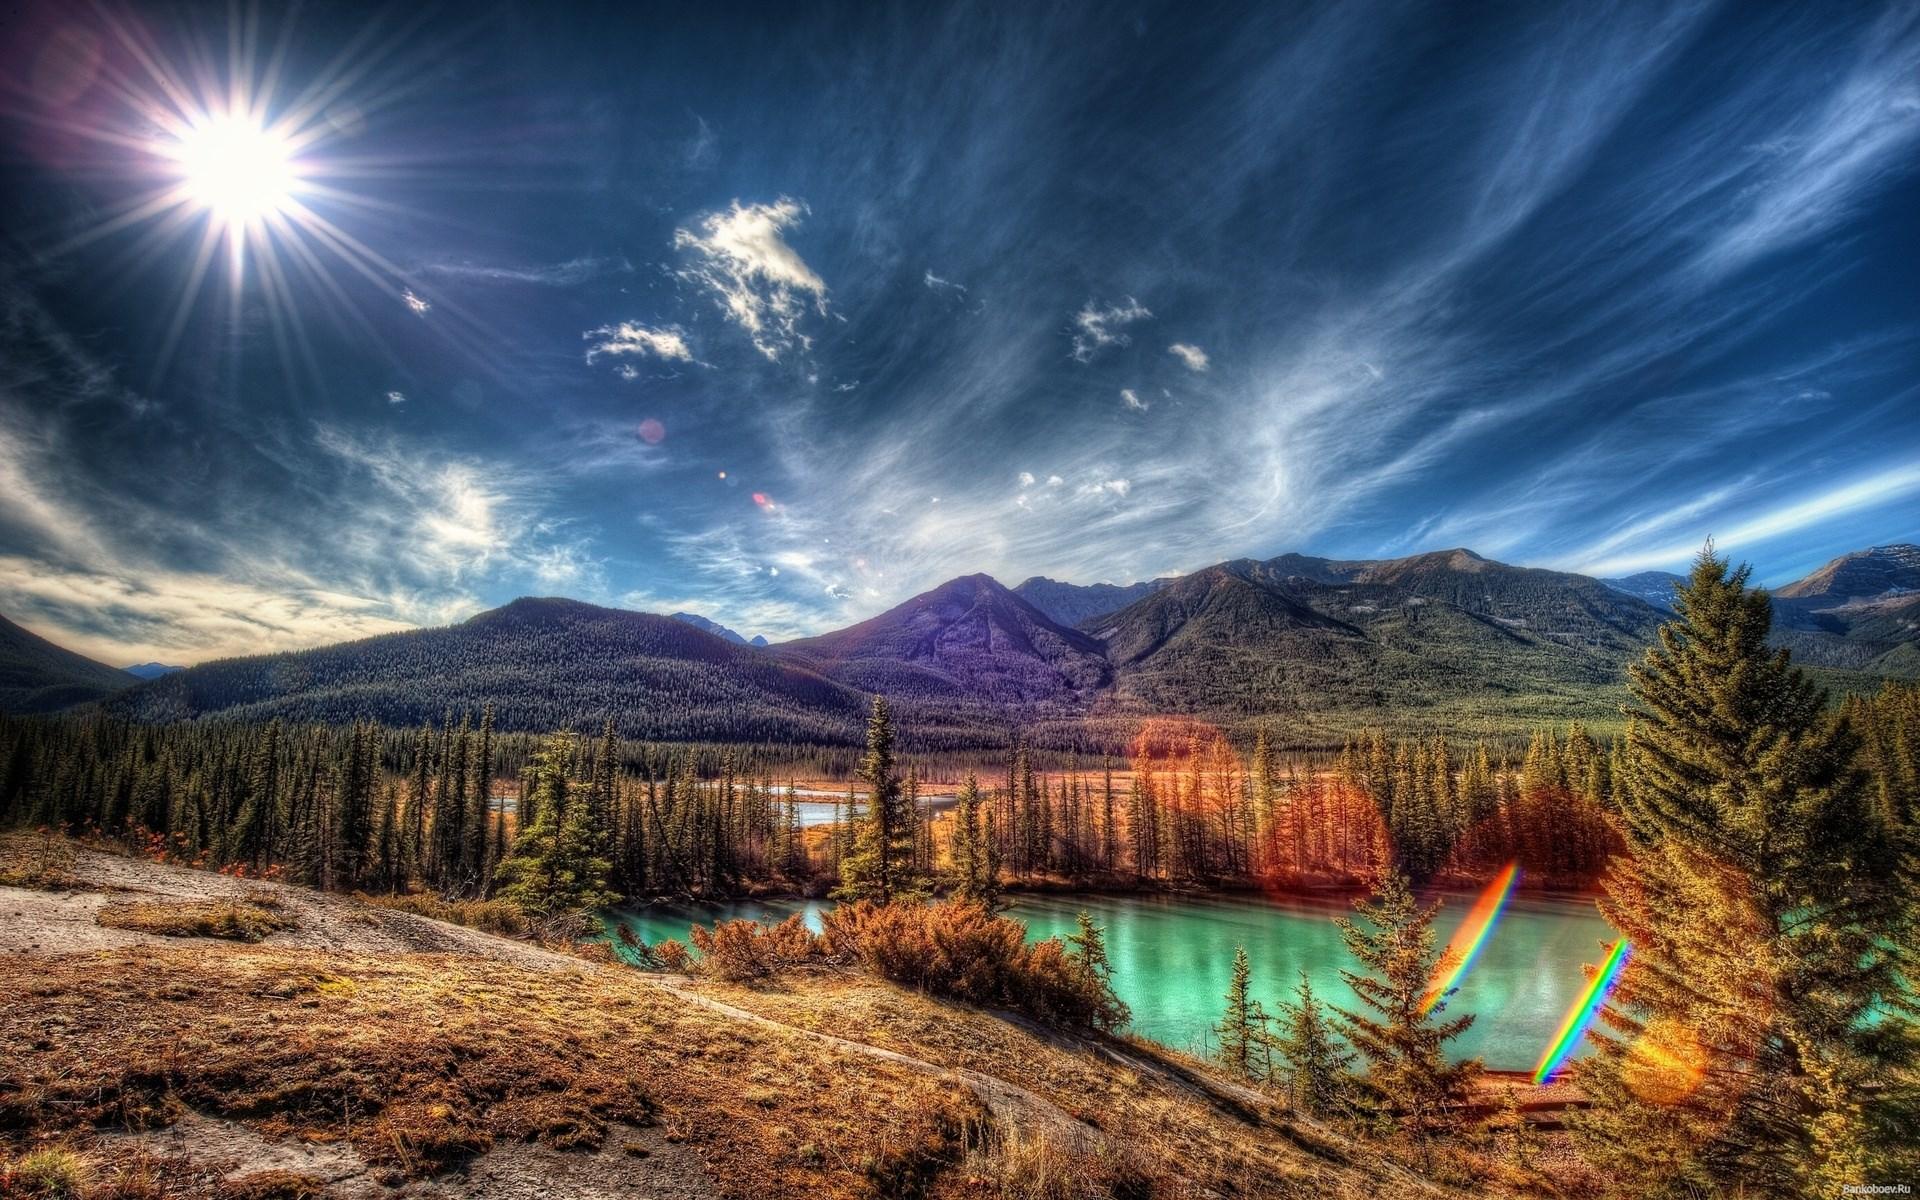 Красивые места абхазии фото с описанием днём